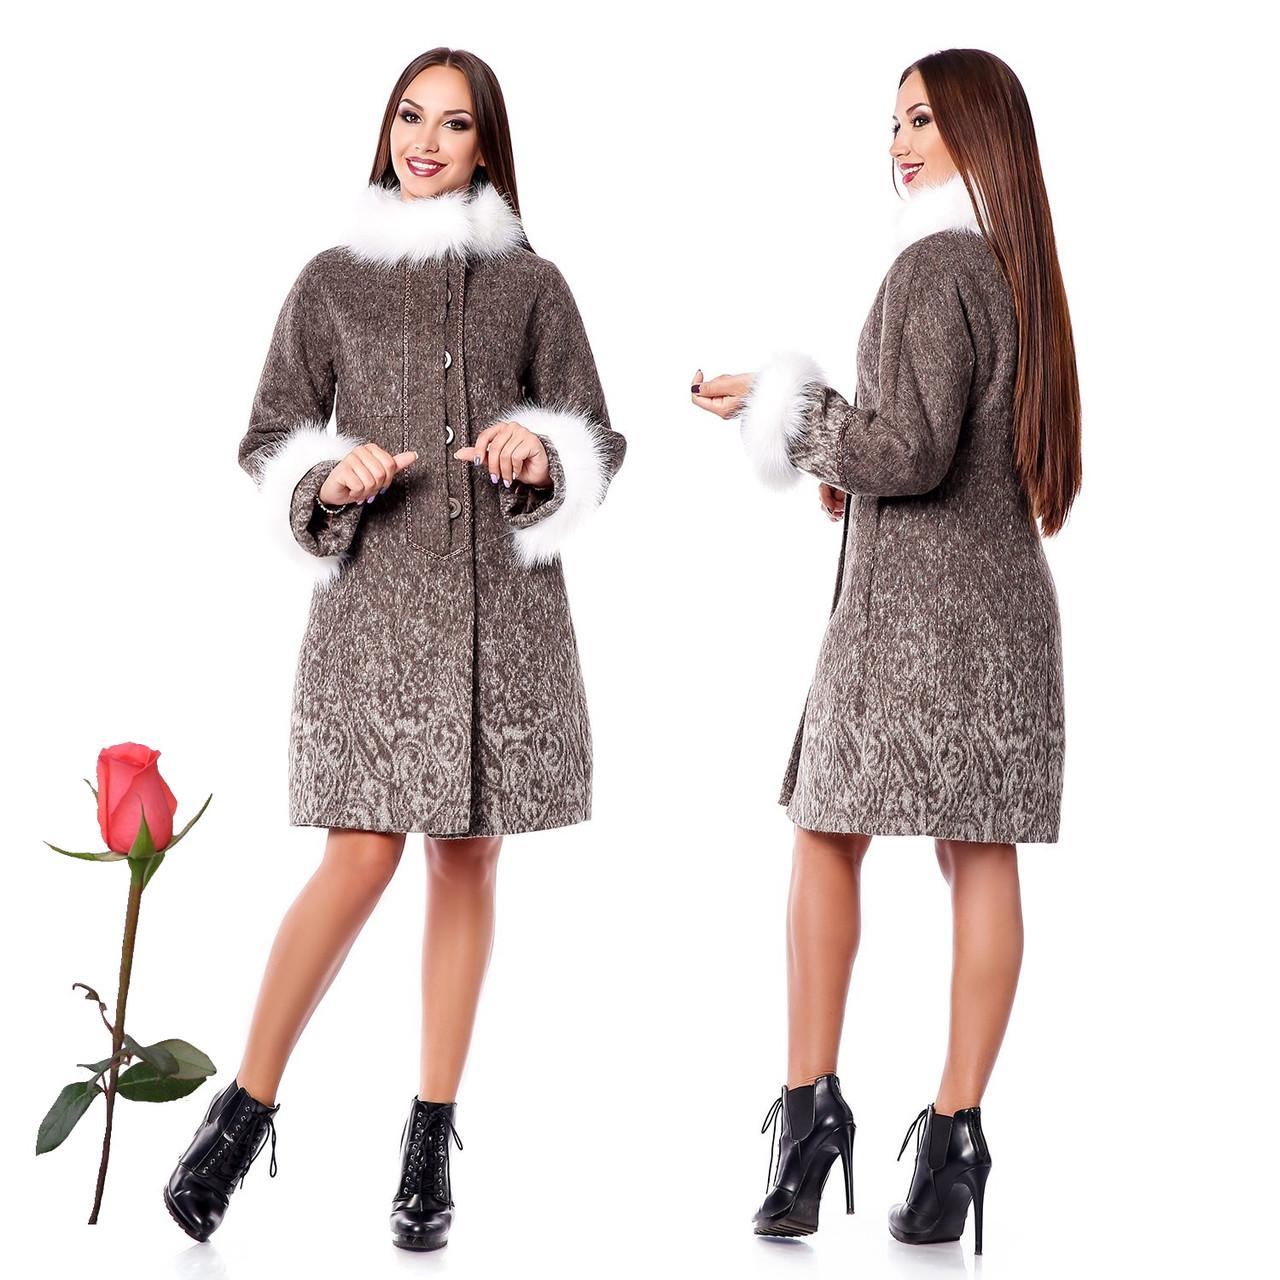 Итальянская женская верхняя одежда купить